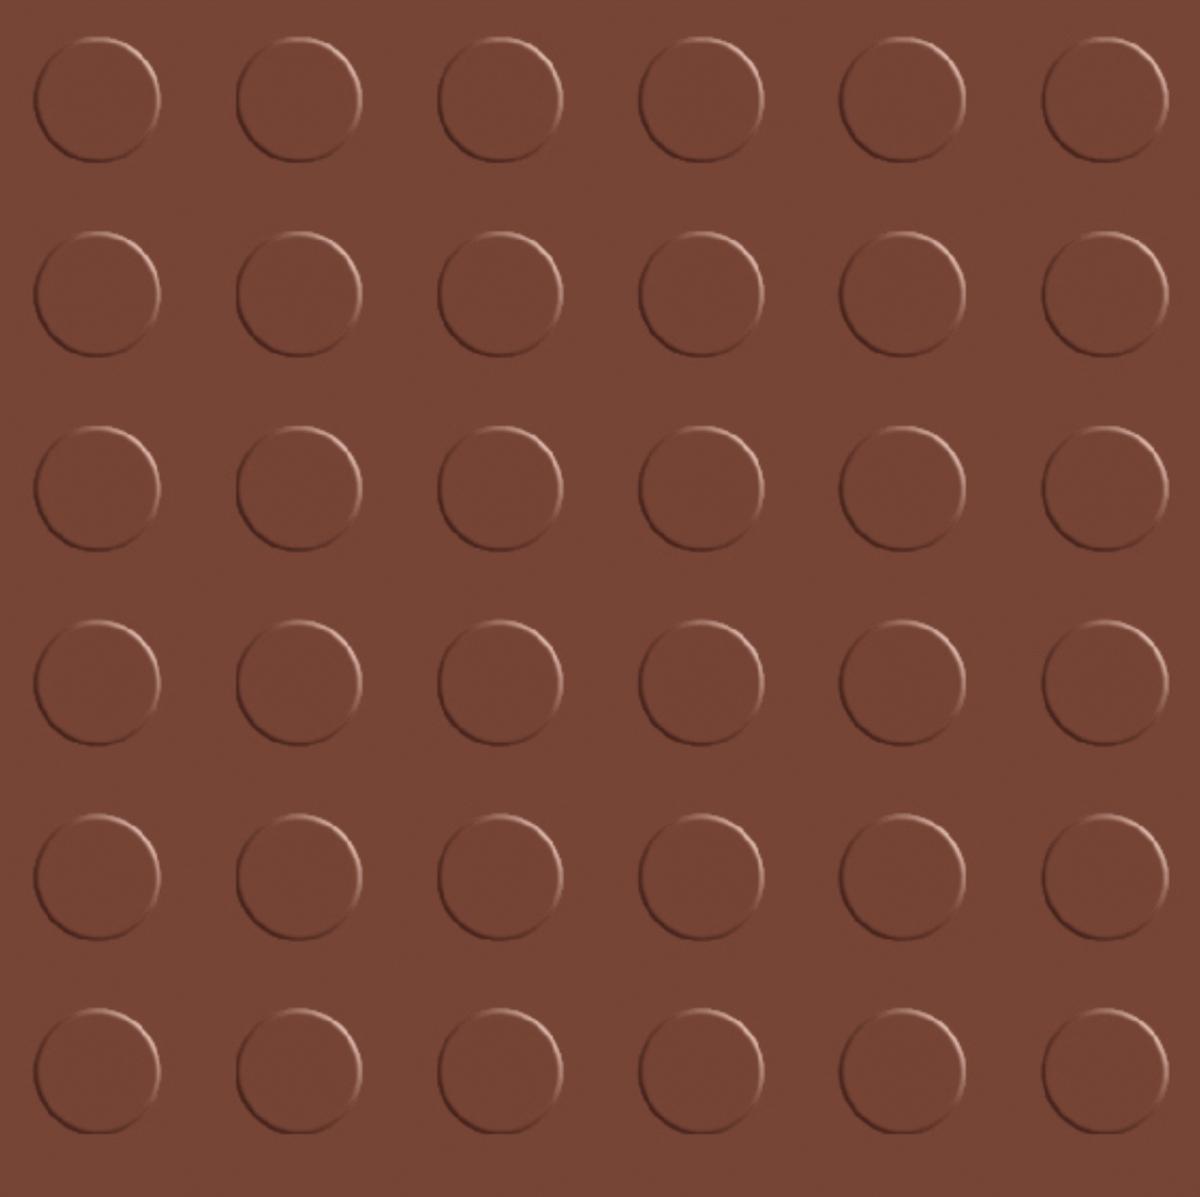 OPV Coin Terracotta